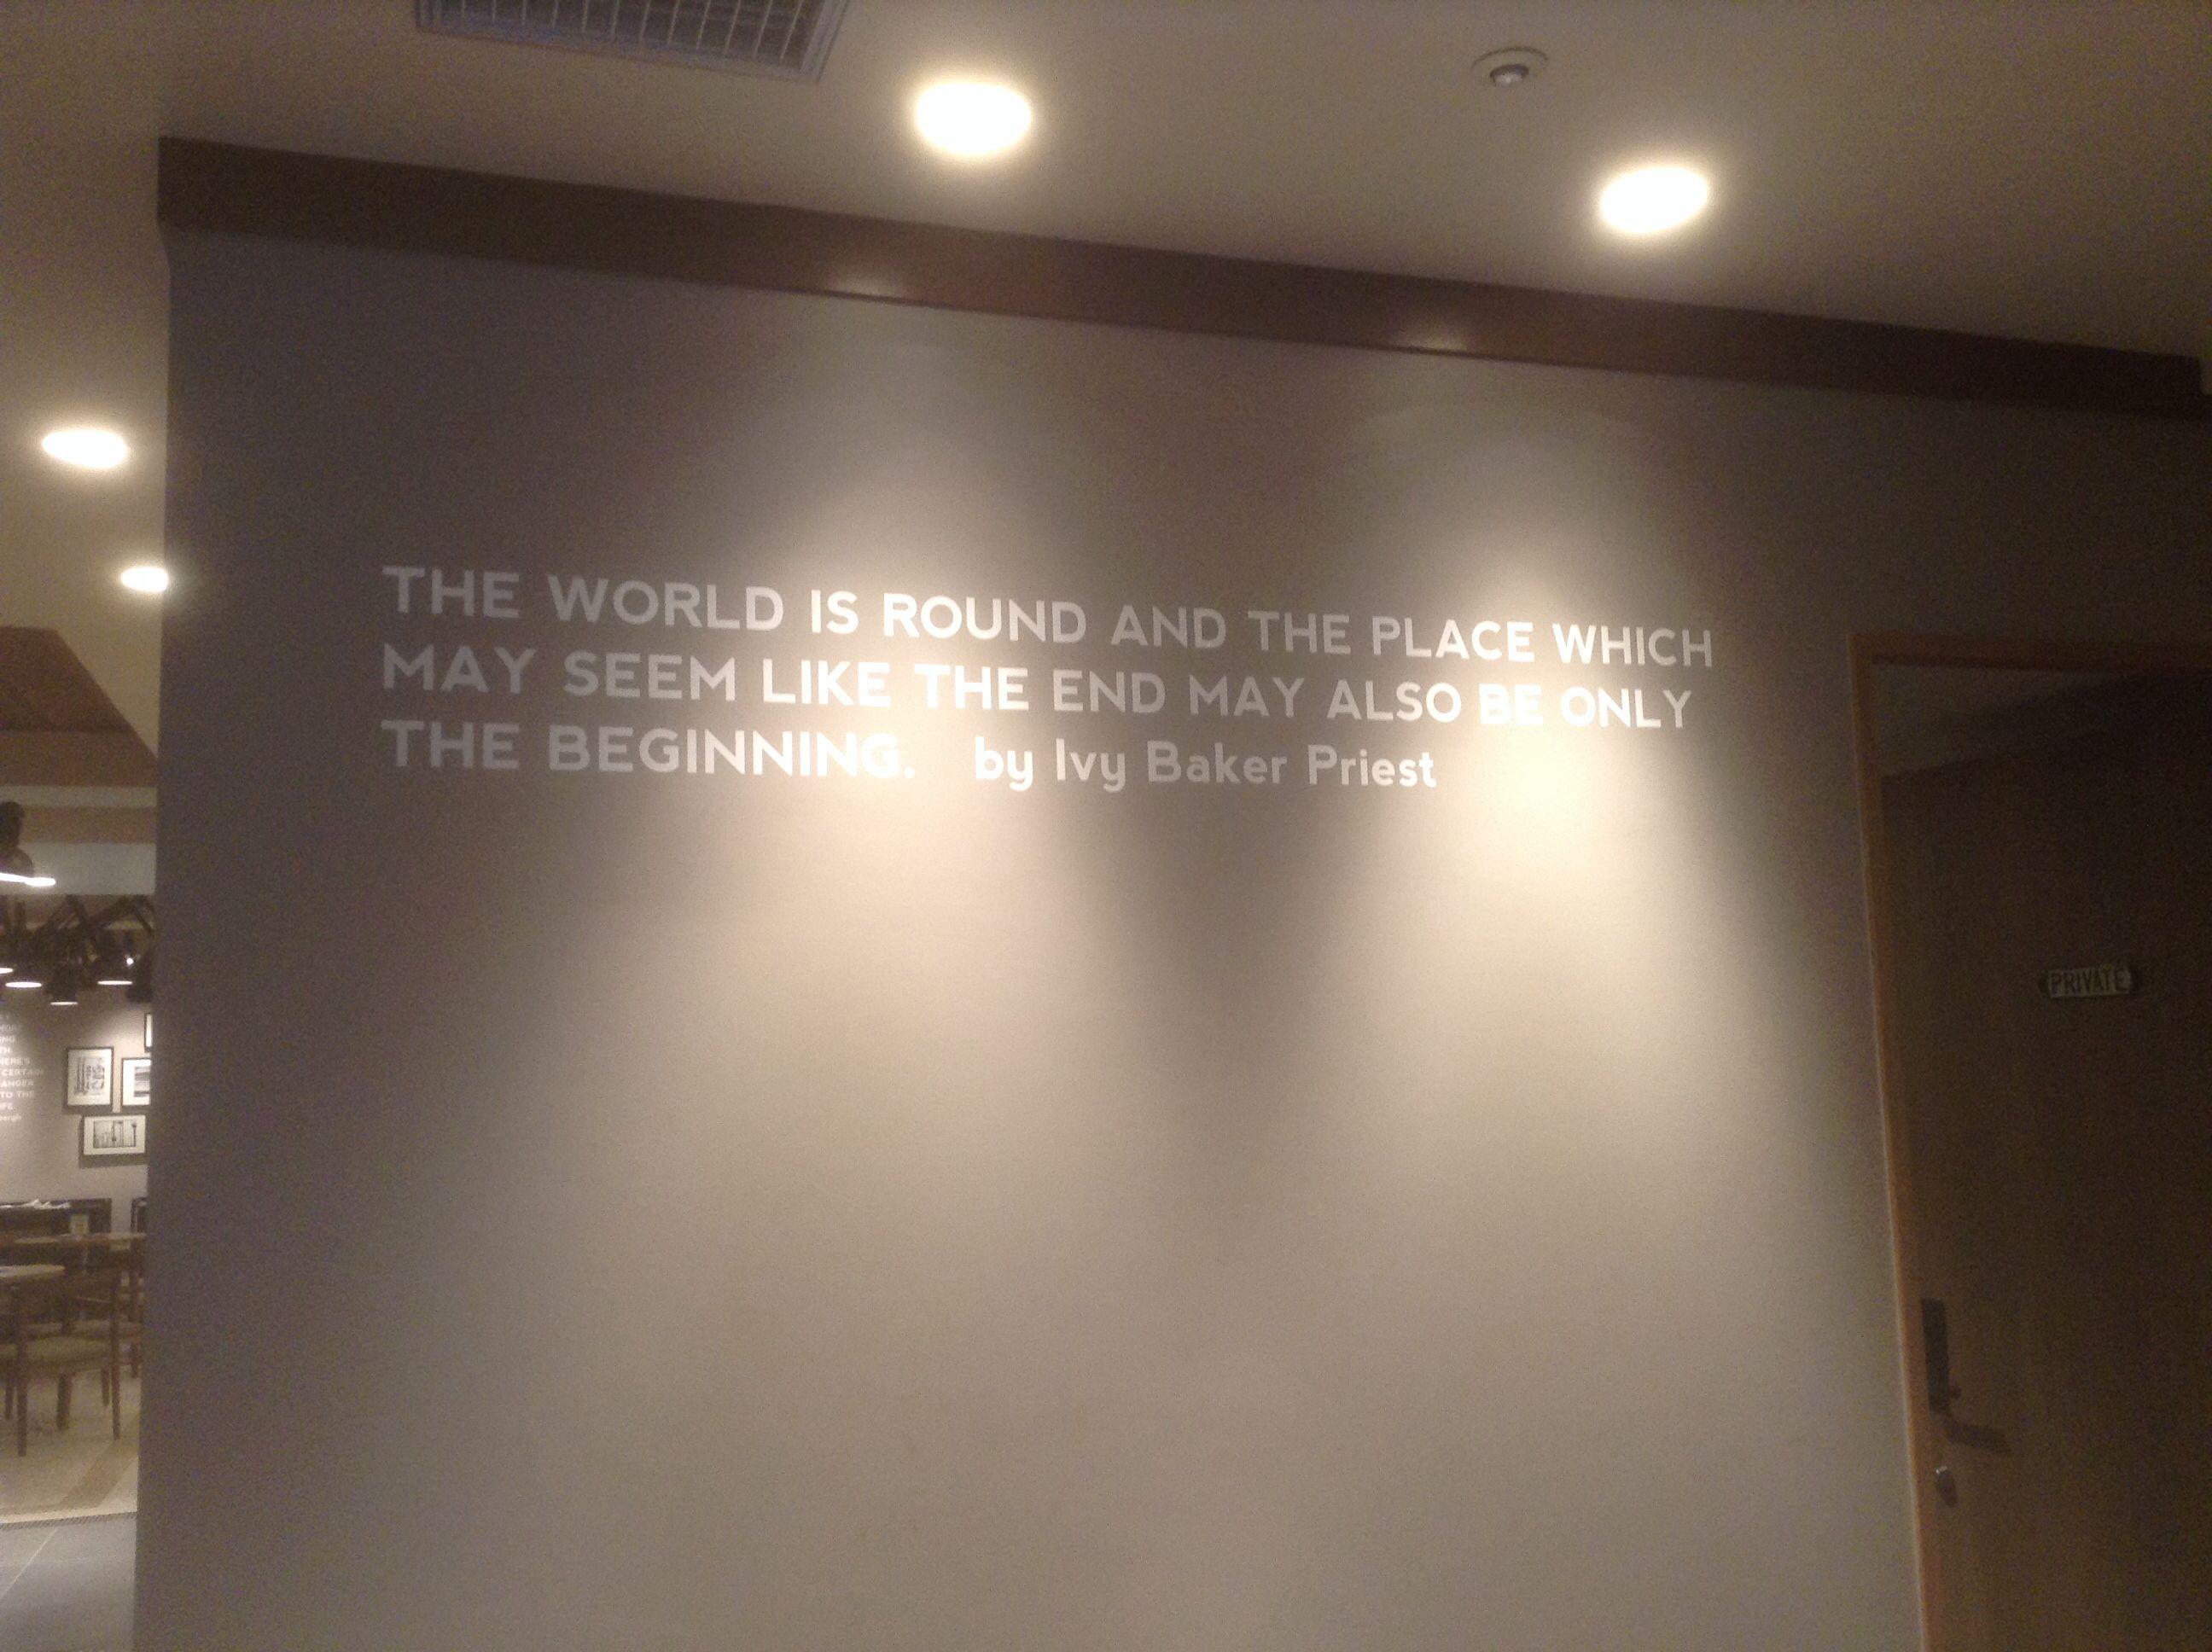 Una cita perfecta para estos momentos! La encontré escpndida en mi hotel :) Cuz Every new beginning comes from some other beginnings' end.